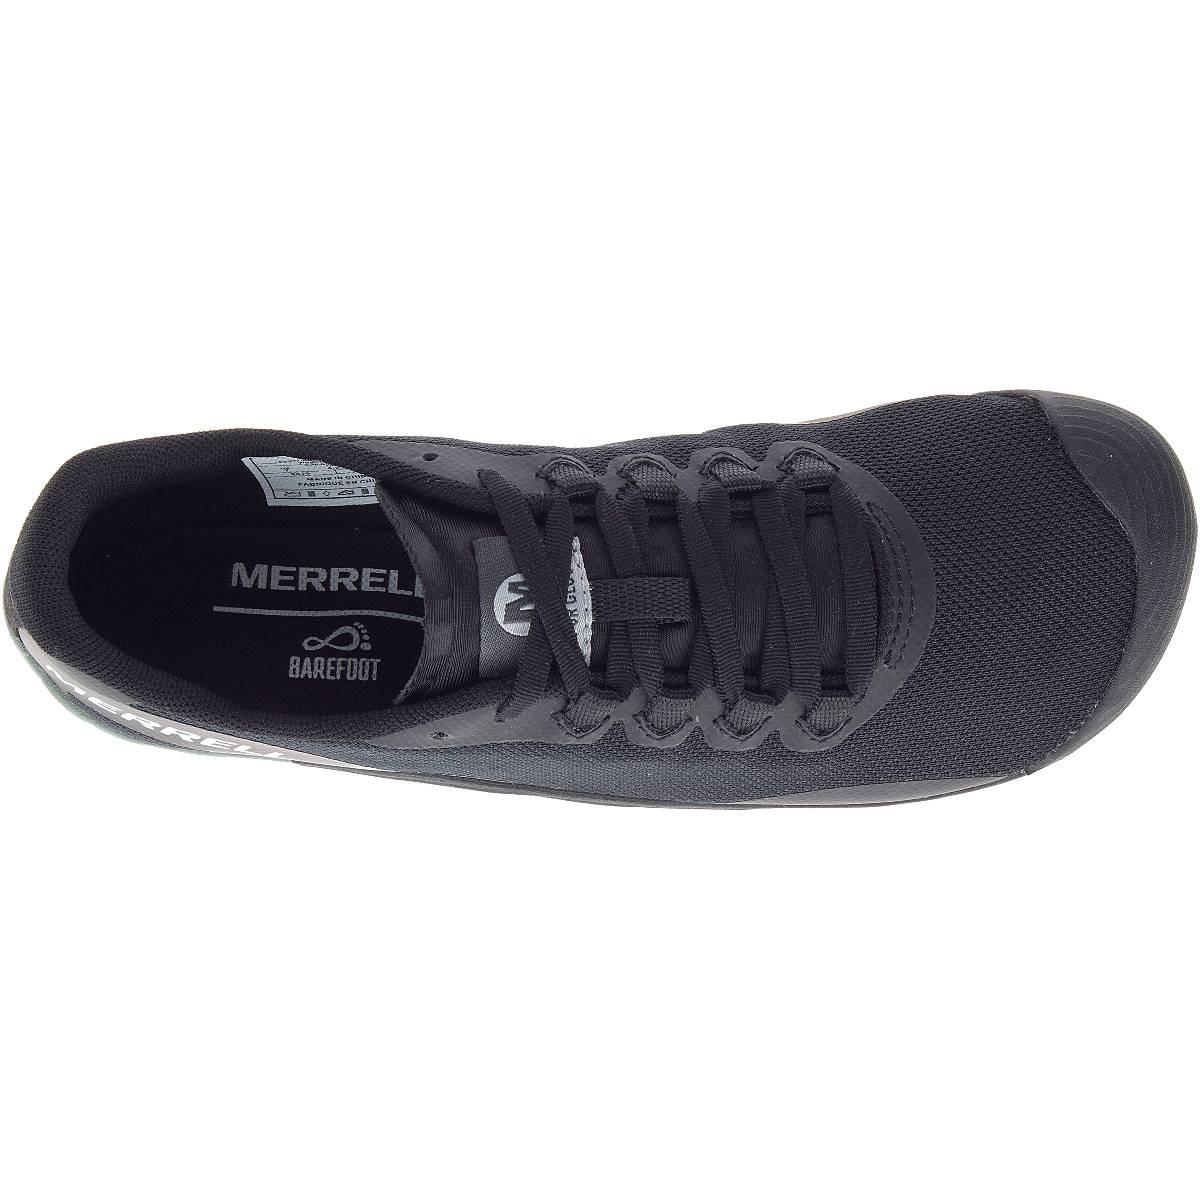 2020 Malli: Merrell Vapor Glove 4 Paljasjalkakenkä Naisten malli